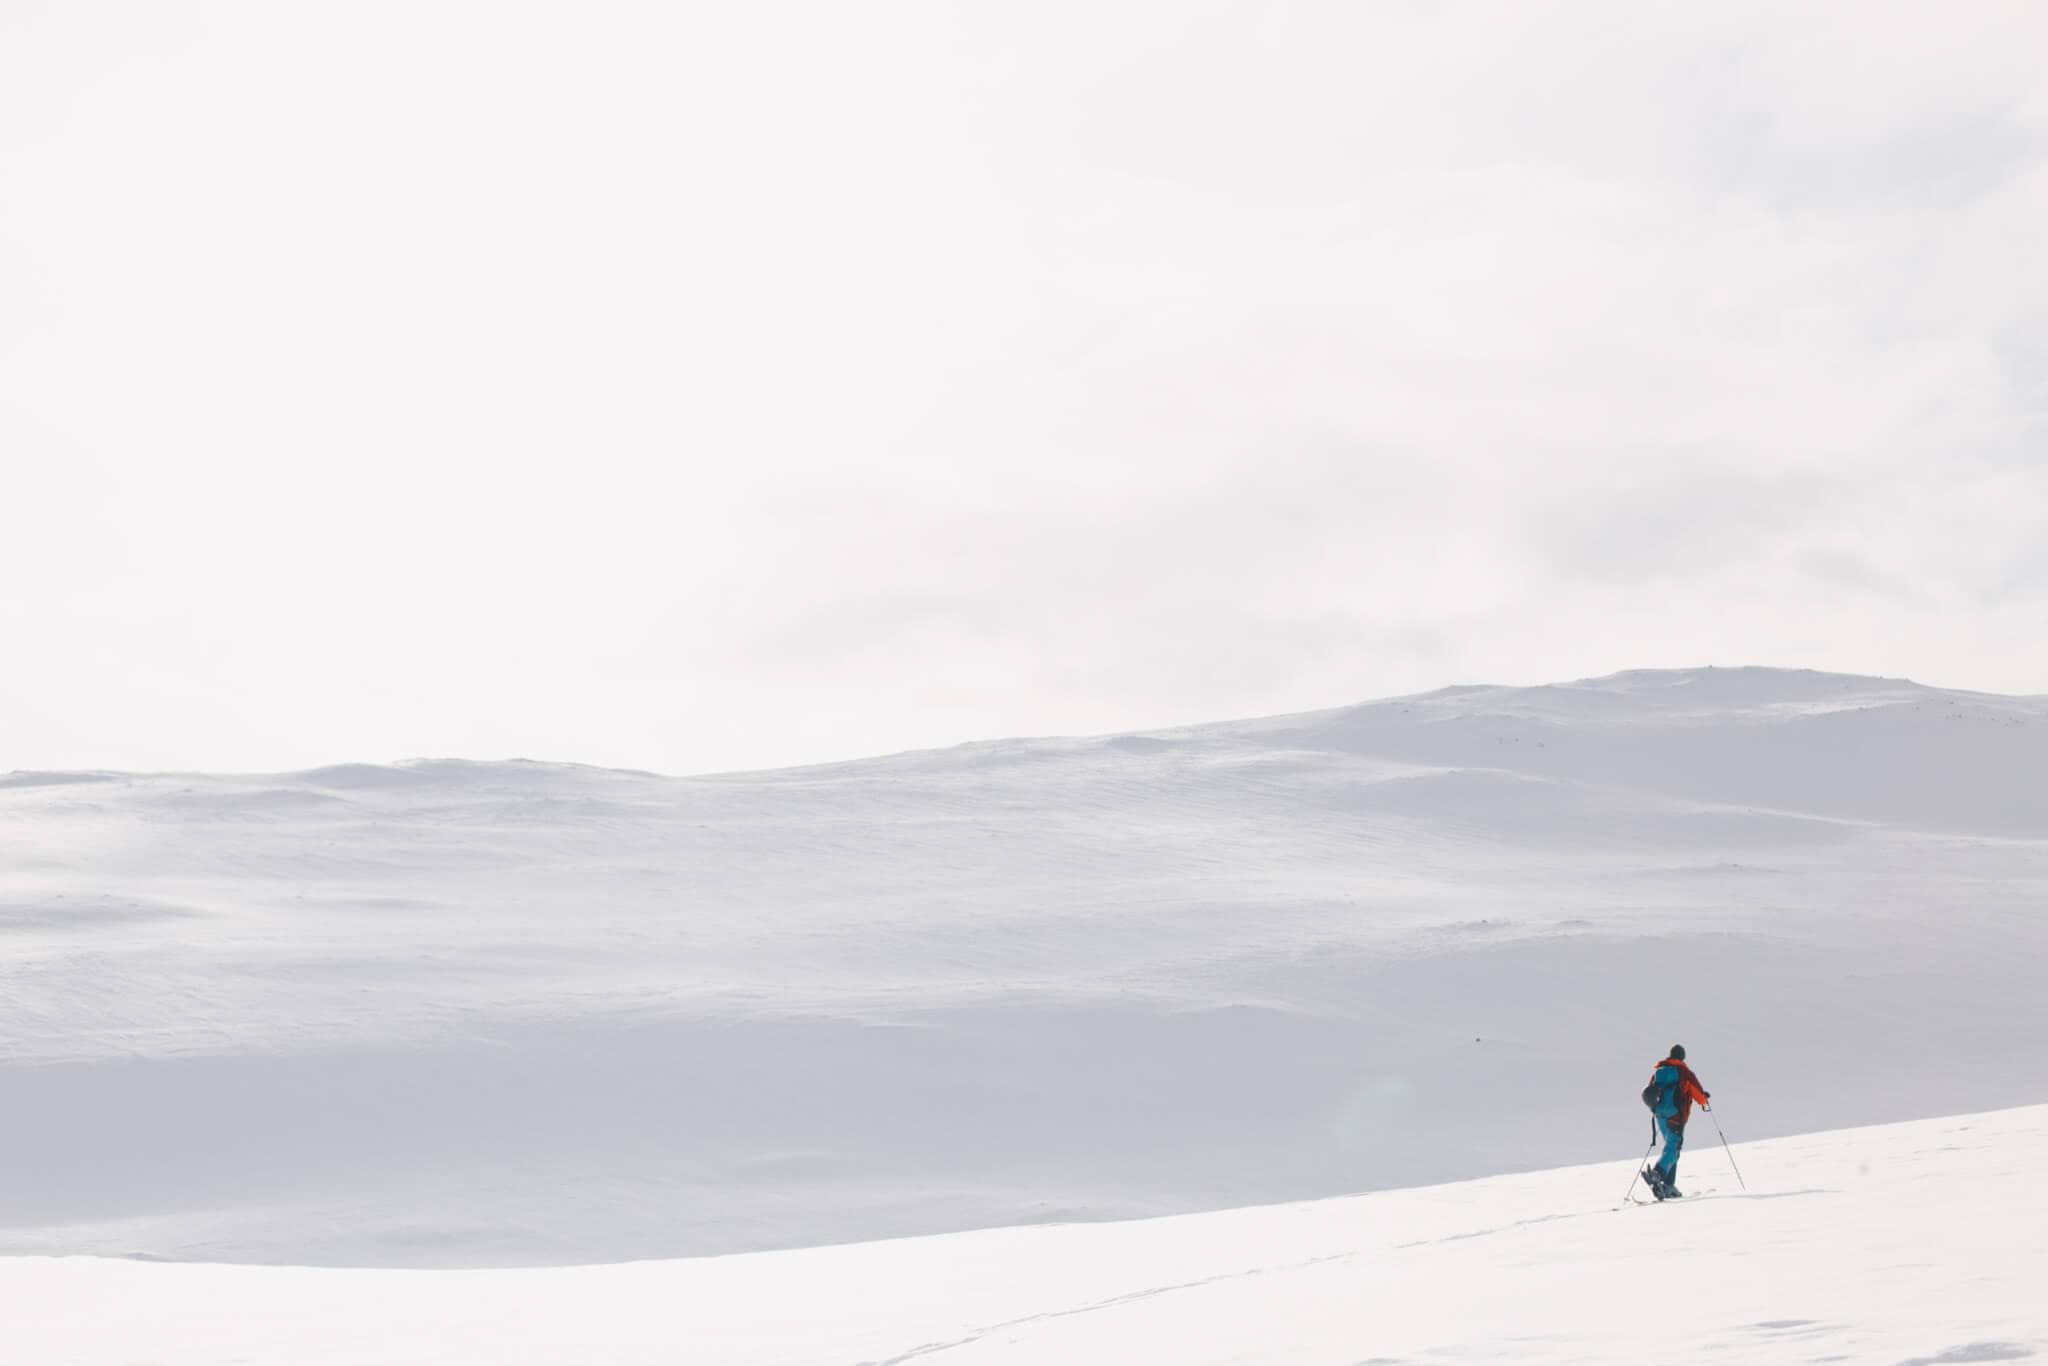 Skidåkare går på tur i snöigt fjällandskap.